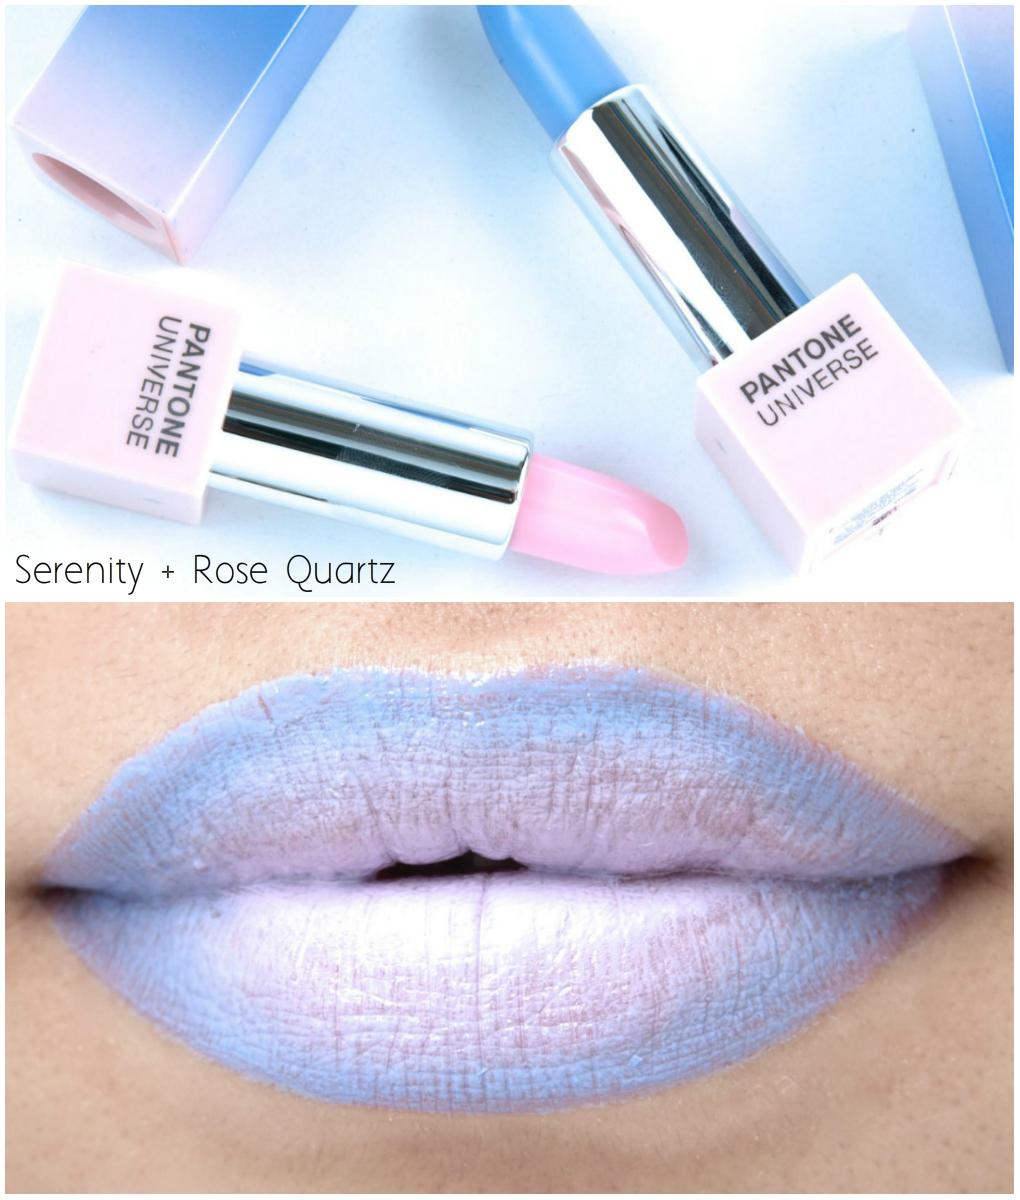 Sephora + Pantone Color of the Year 2016 Rose Quartz ...